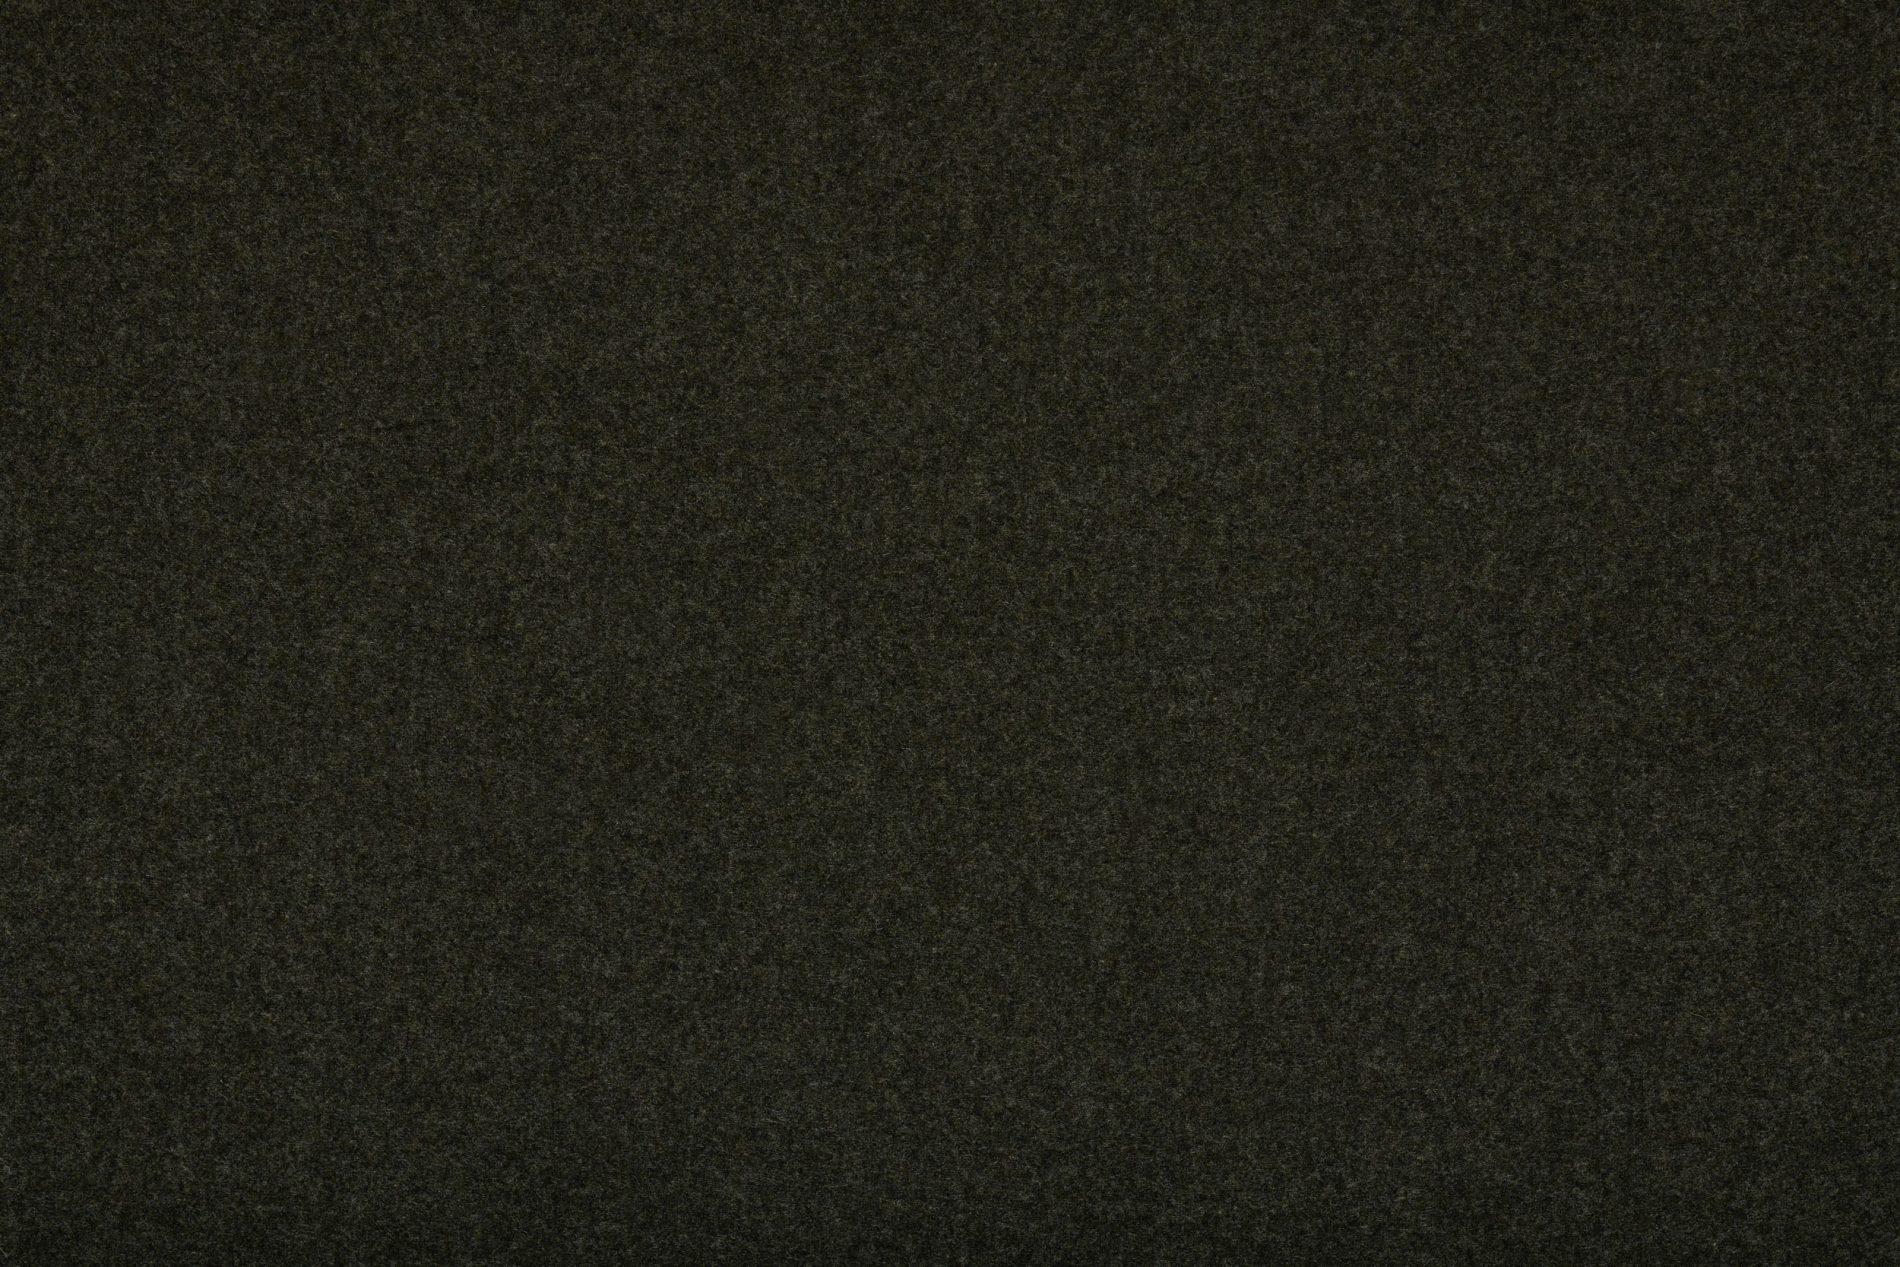 PURE 540 Plain Merino wool (16/3009)